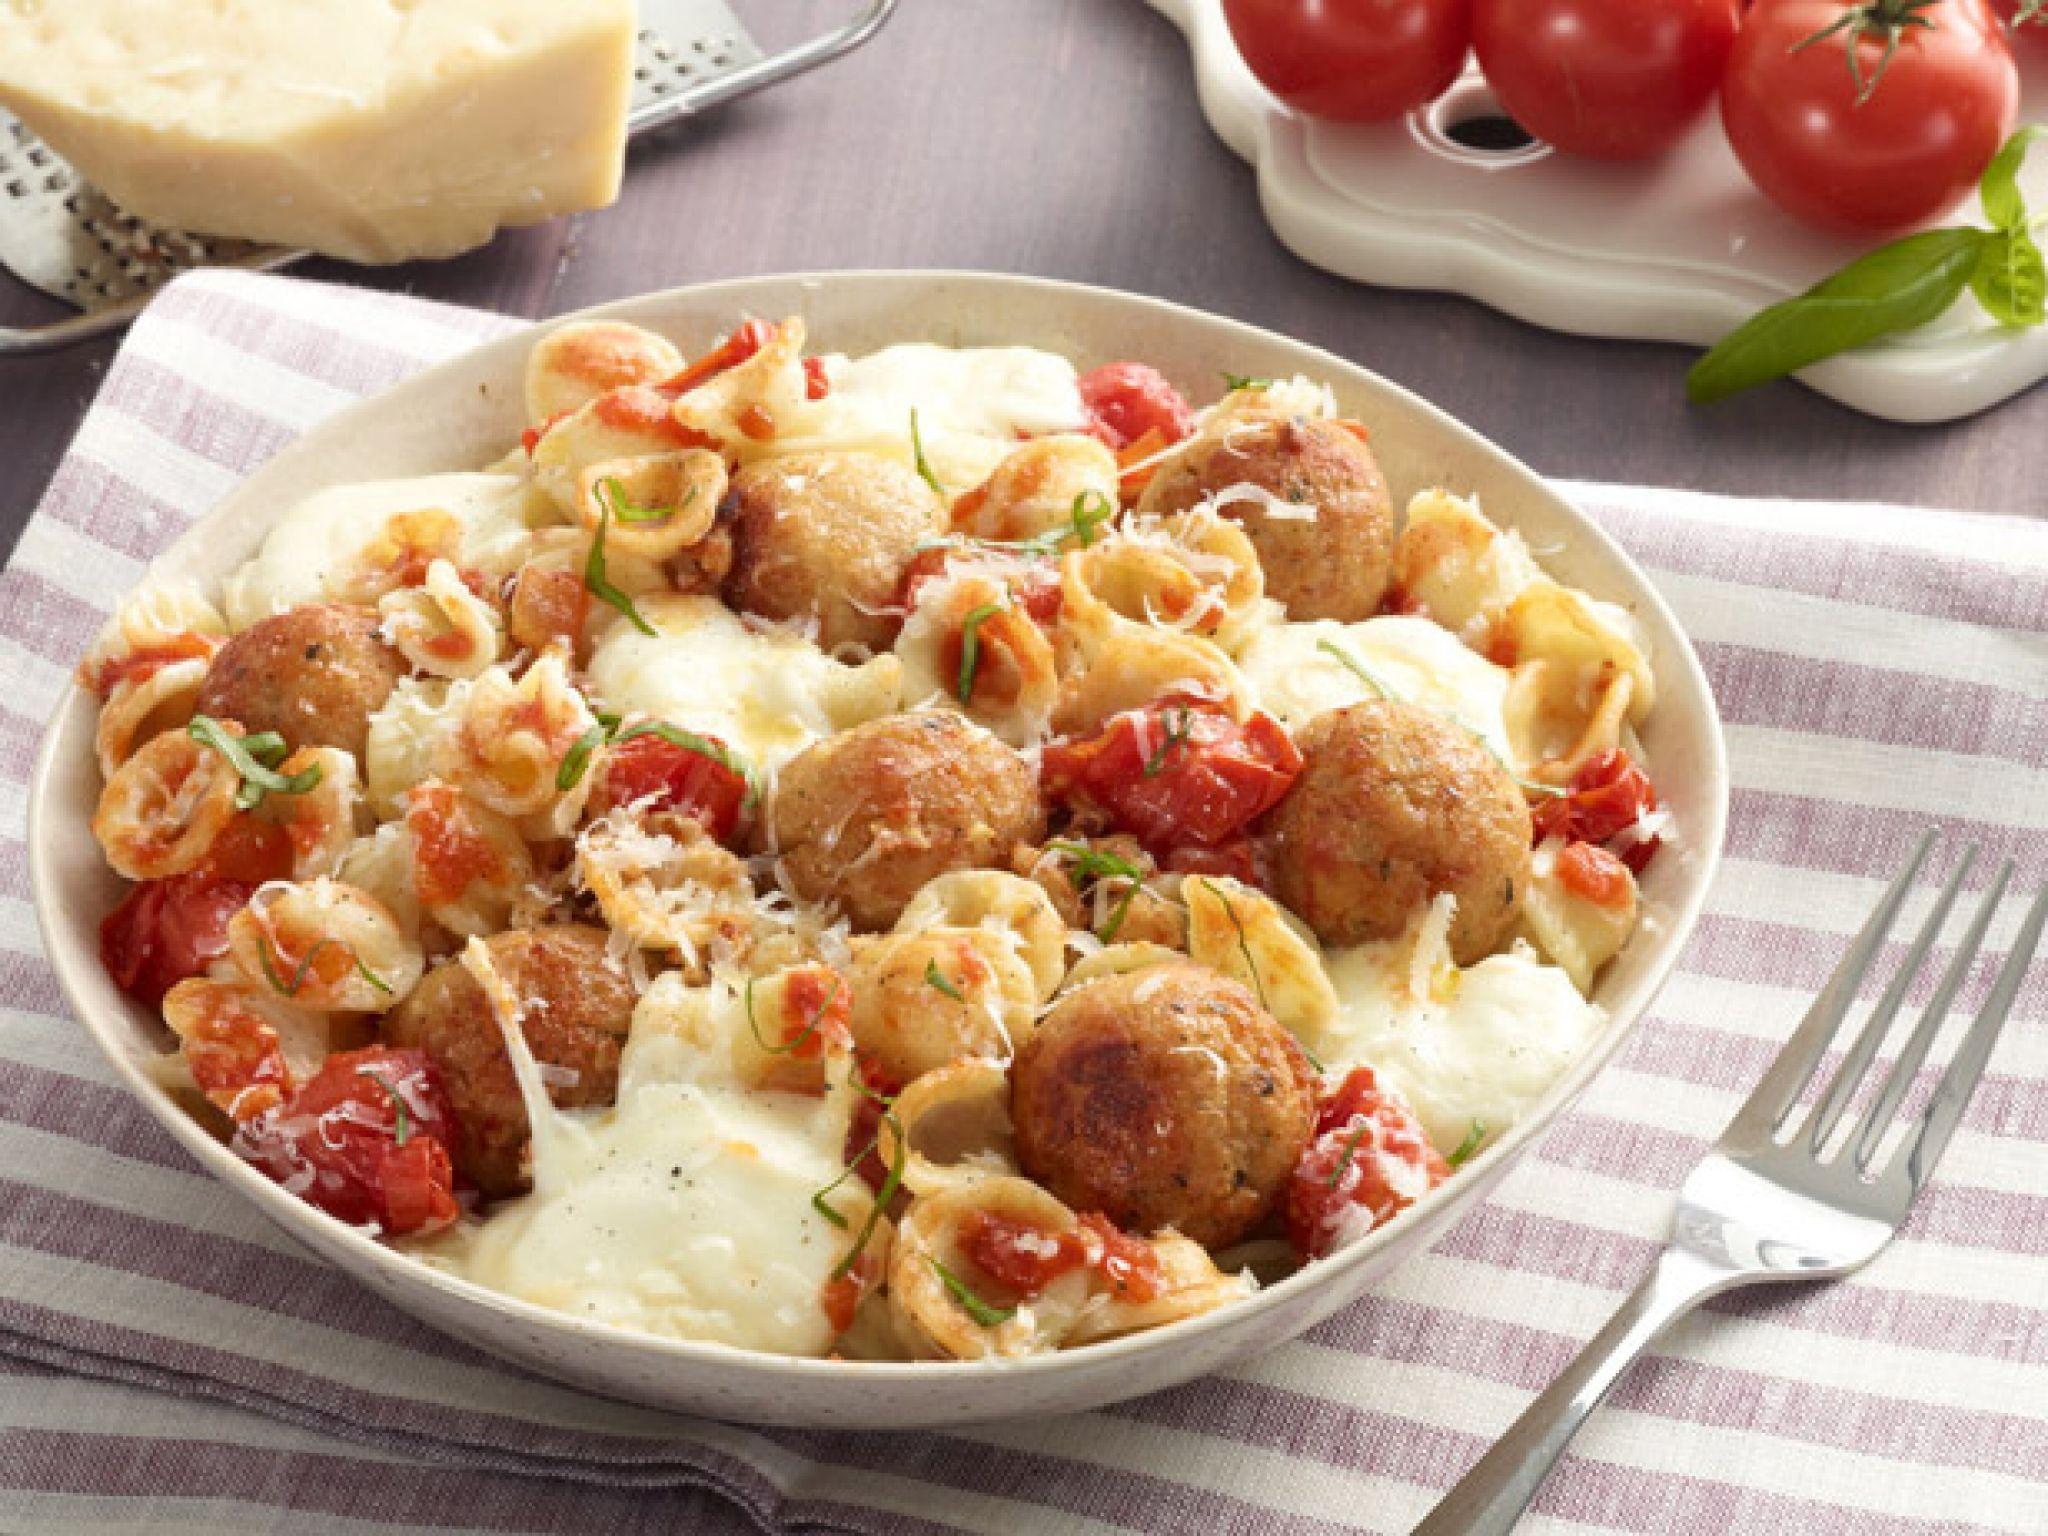 5 star pasta recipes chicken meatball recipes chicken meatballs 5 star pasta recipes chicken meatball recipeschicken meatballsrisotto forumfinder Images